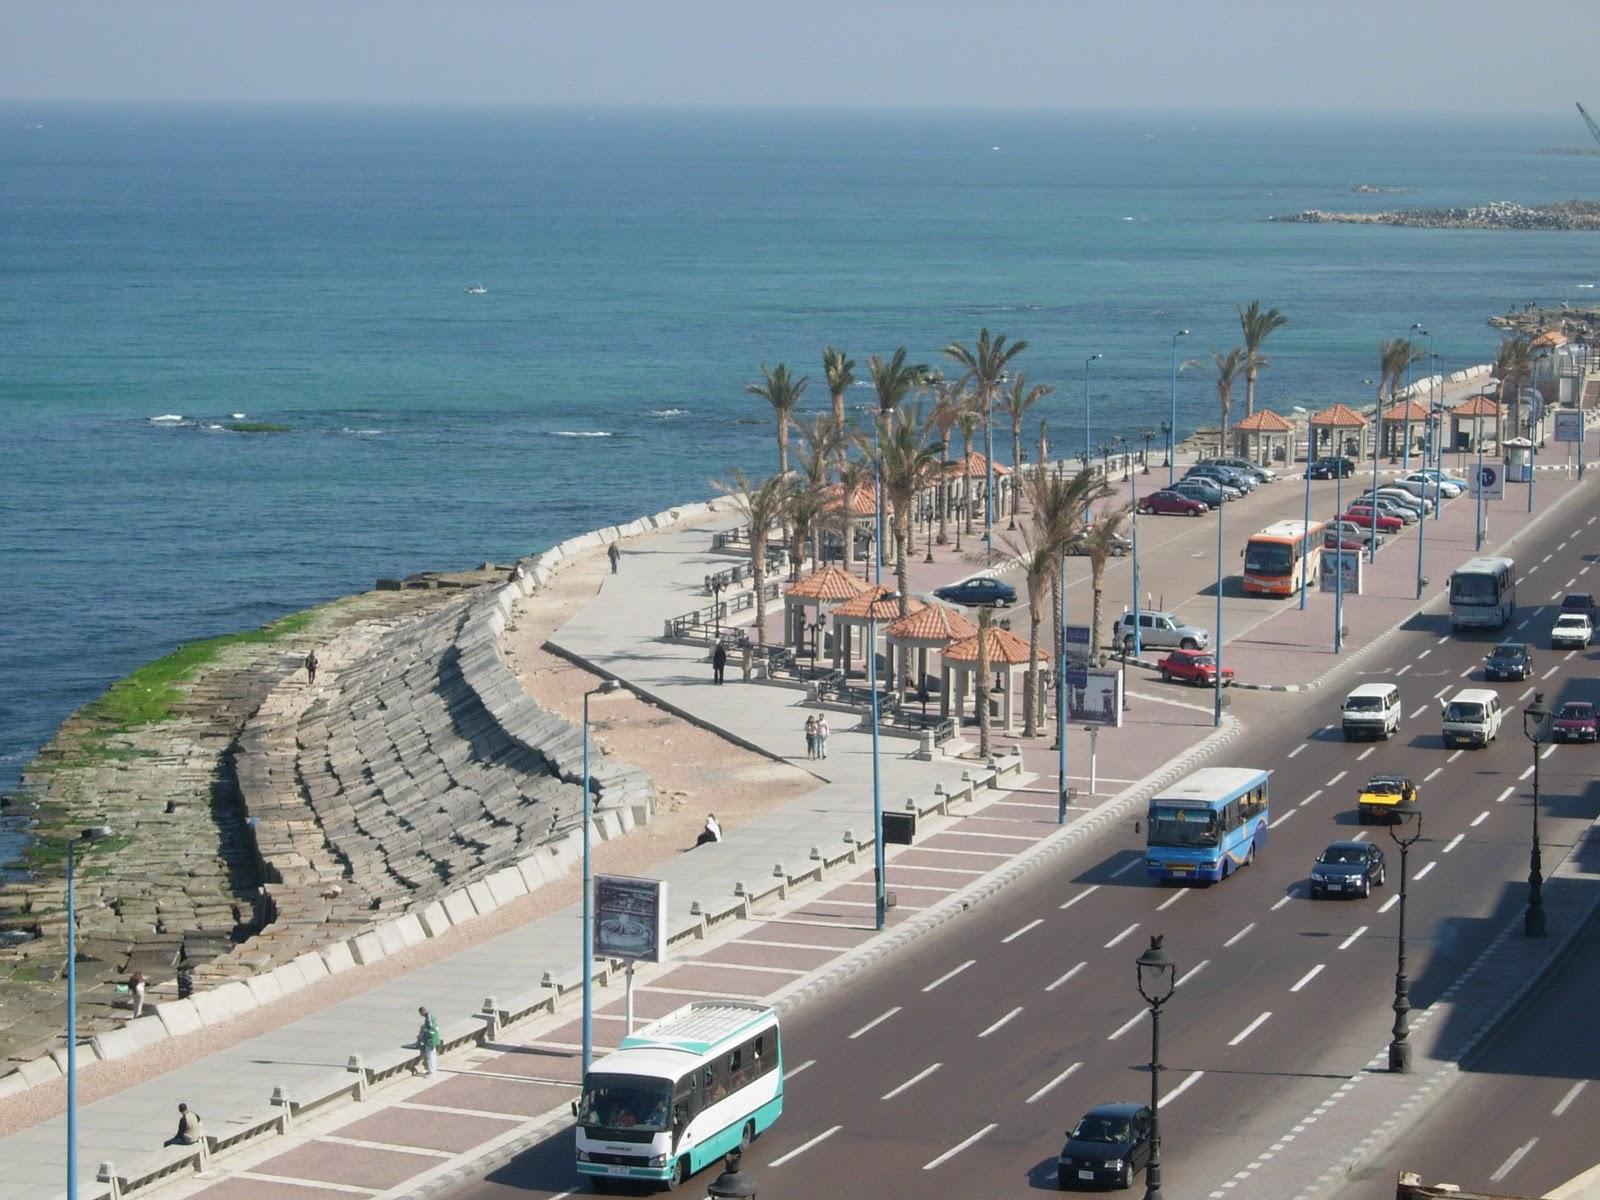 الإسكندريــة مدبنة السحر والجمال Alexandria+Sea+Coast+%284%29